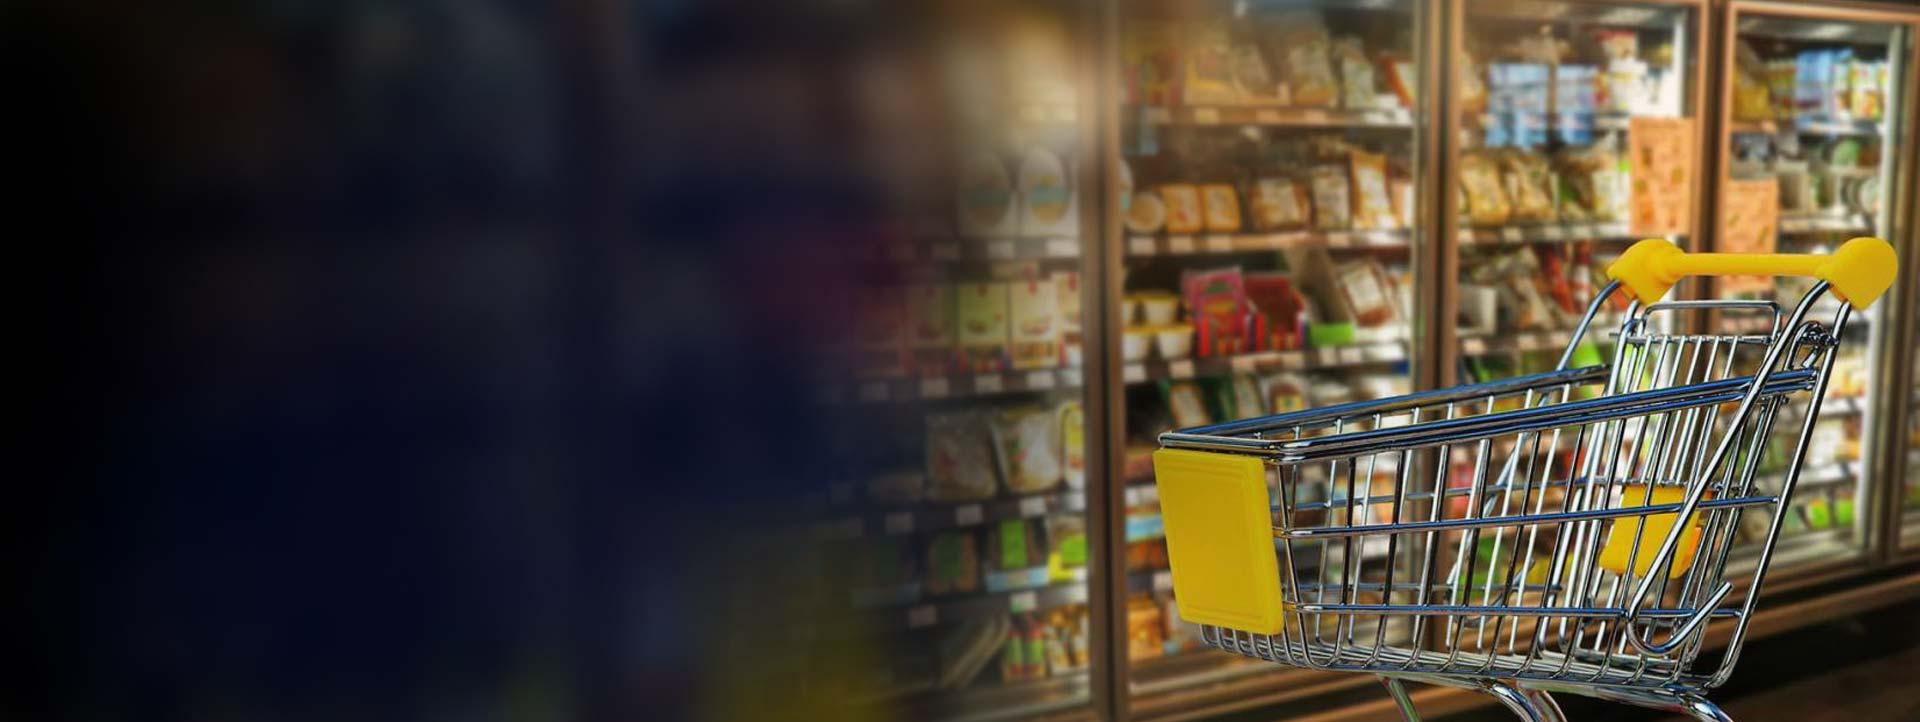 distance pgd retail management